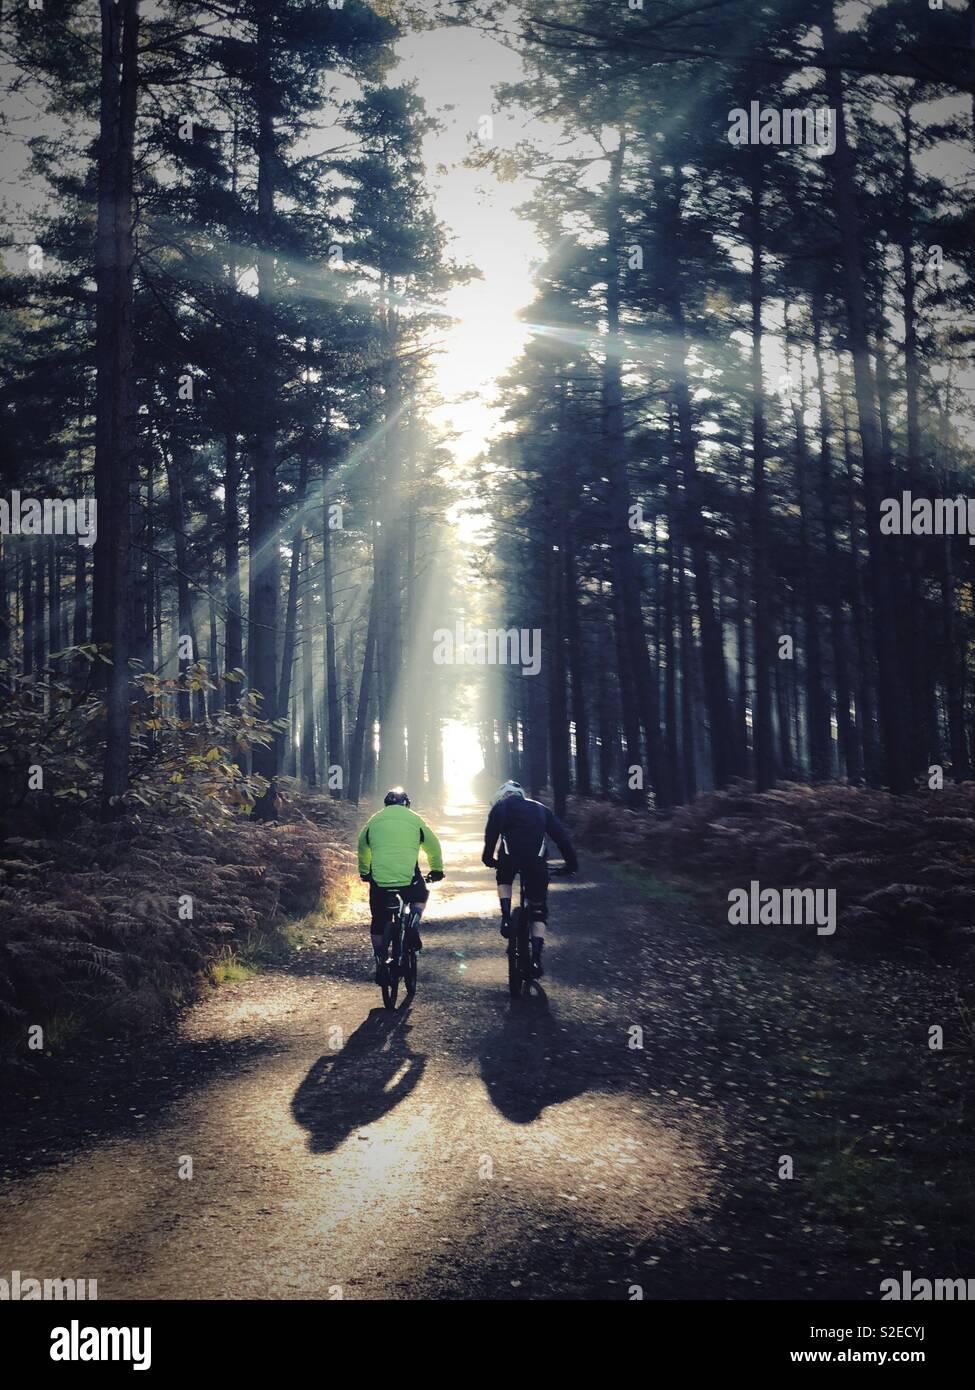 Le vélo de montagne dans la forêt à Swinley Forest, Berks, UK Banque D'Images